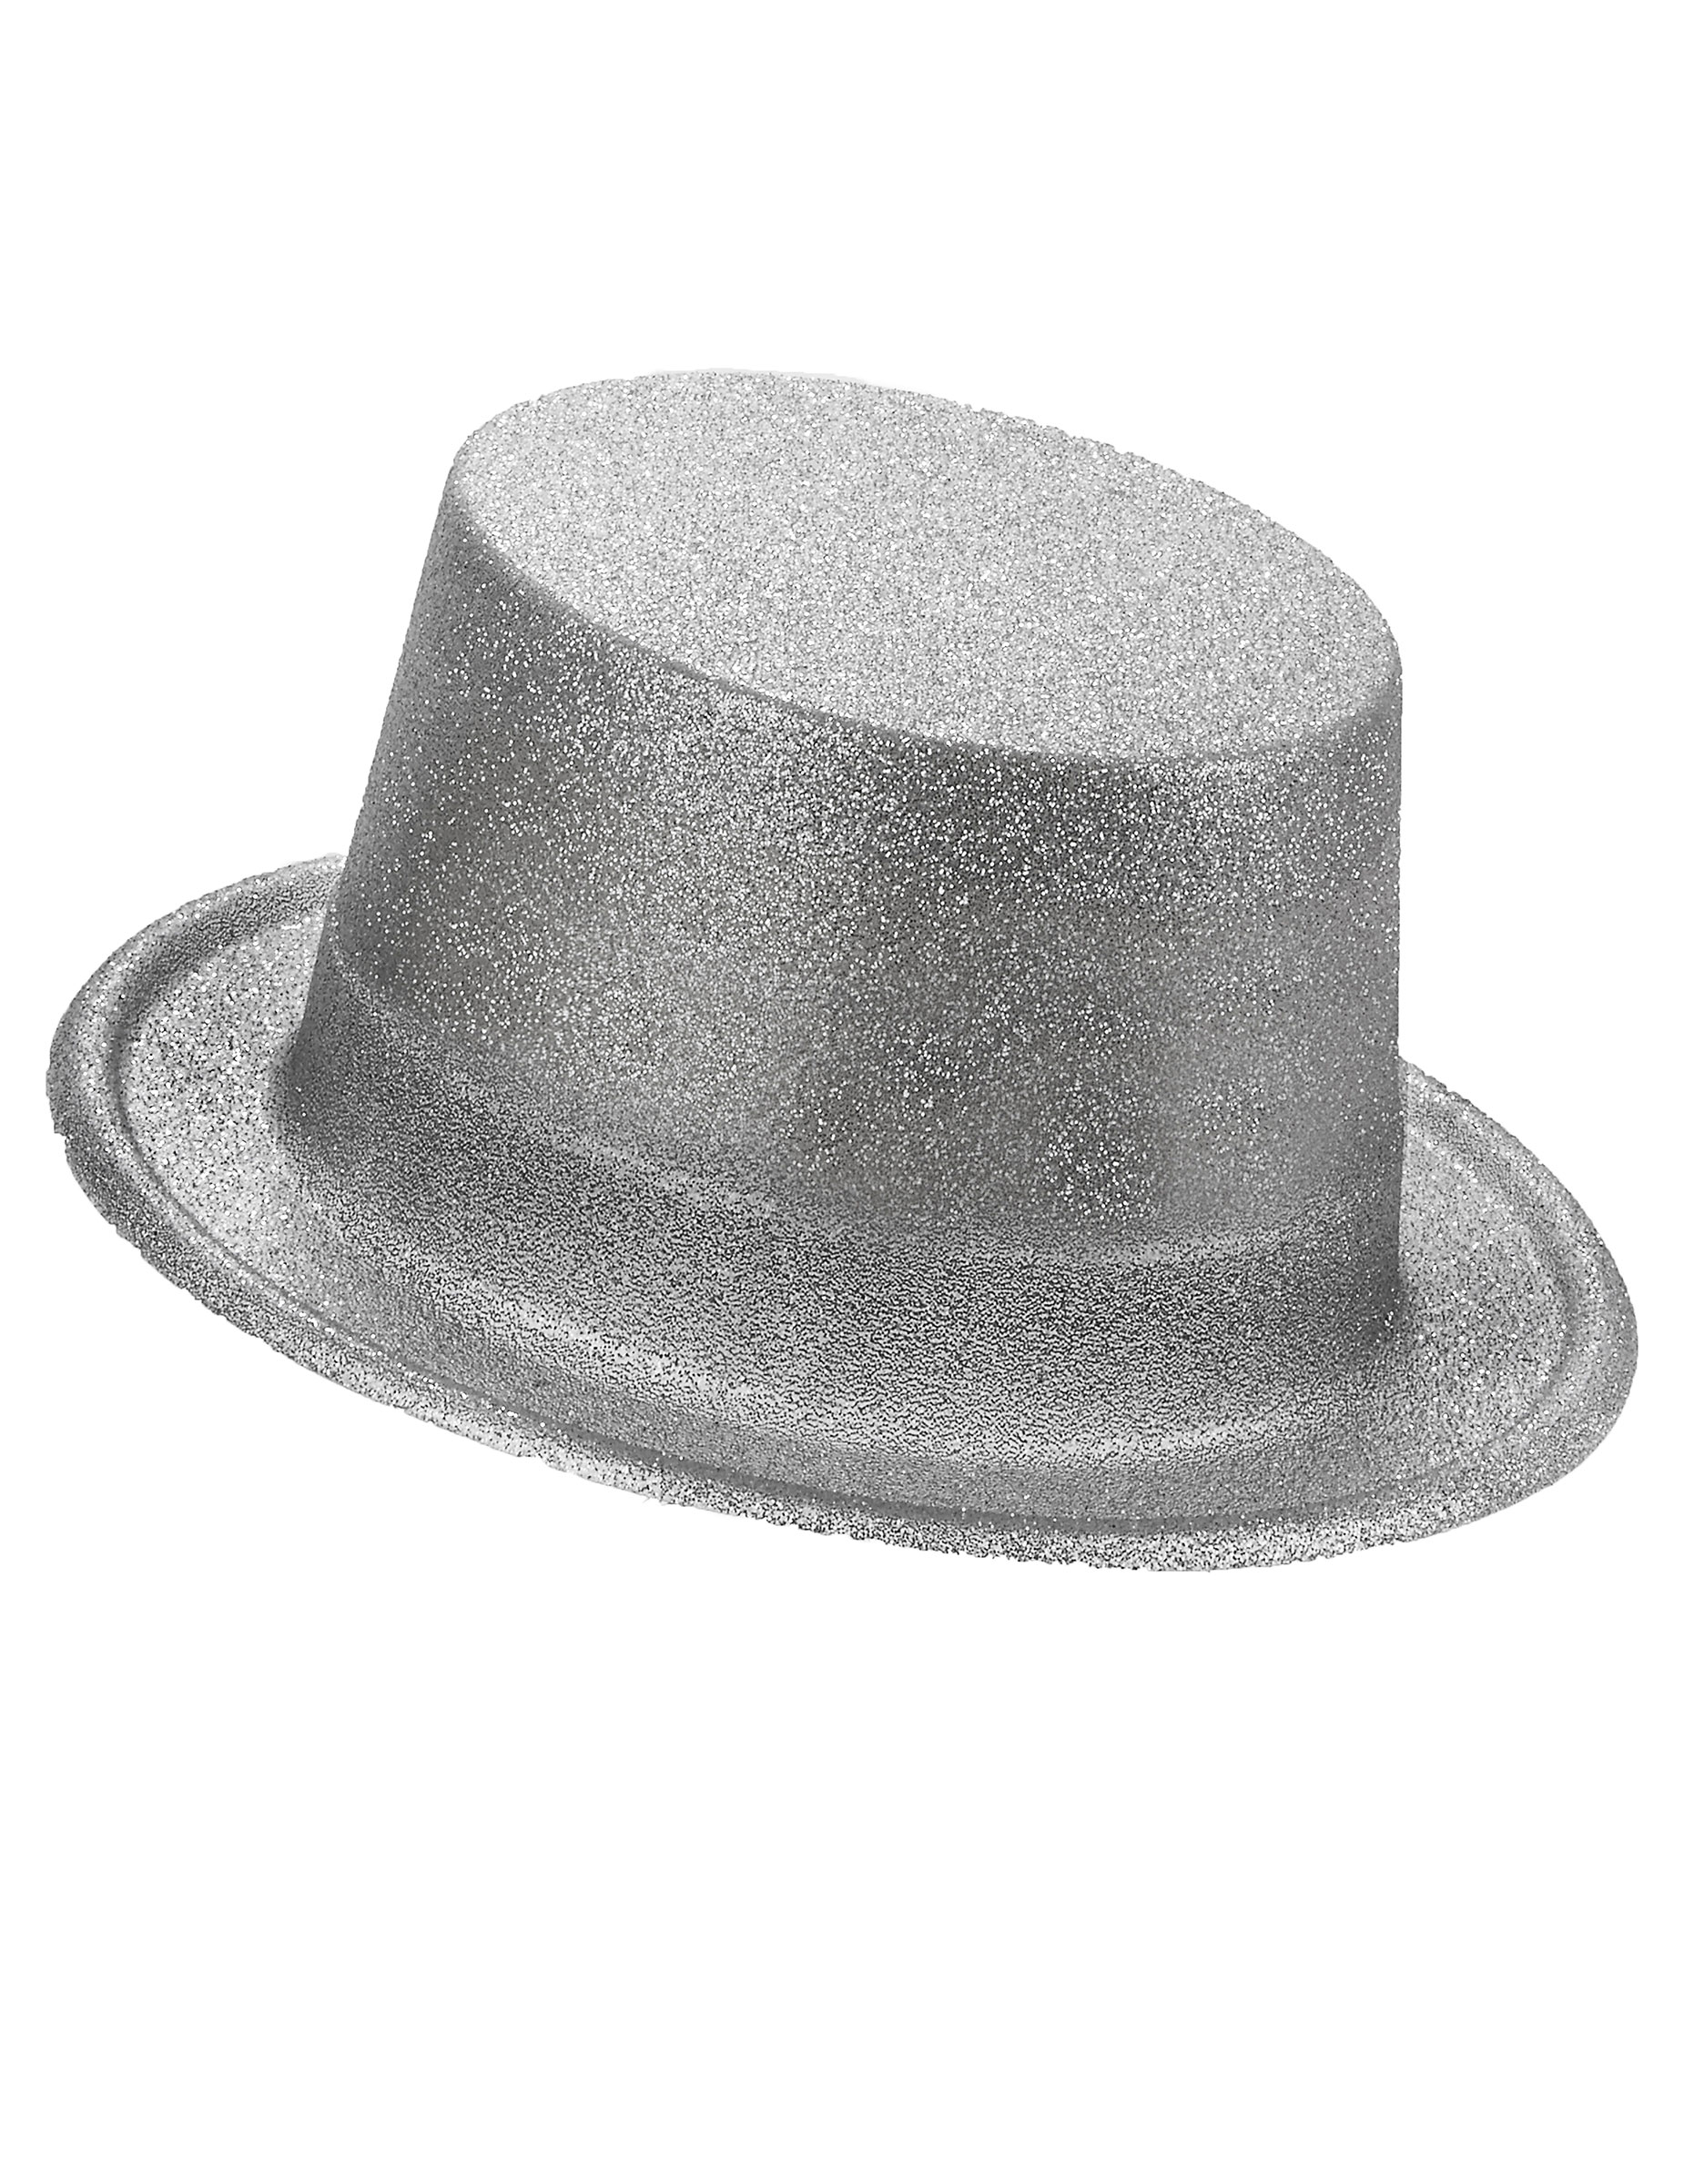 Sombrero de copa de plástico con brillantina plateado adulto ... b07988b5e6e